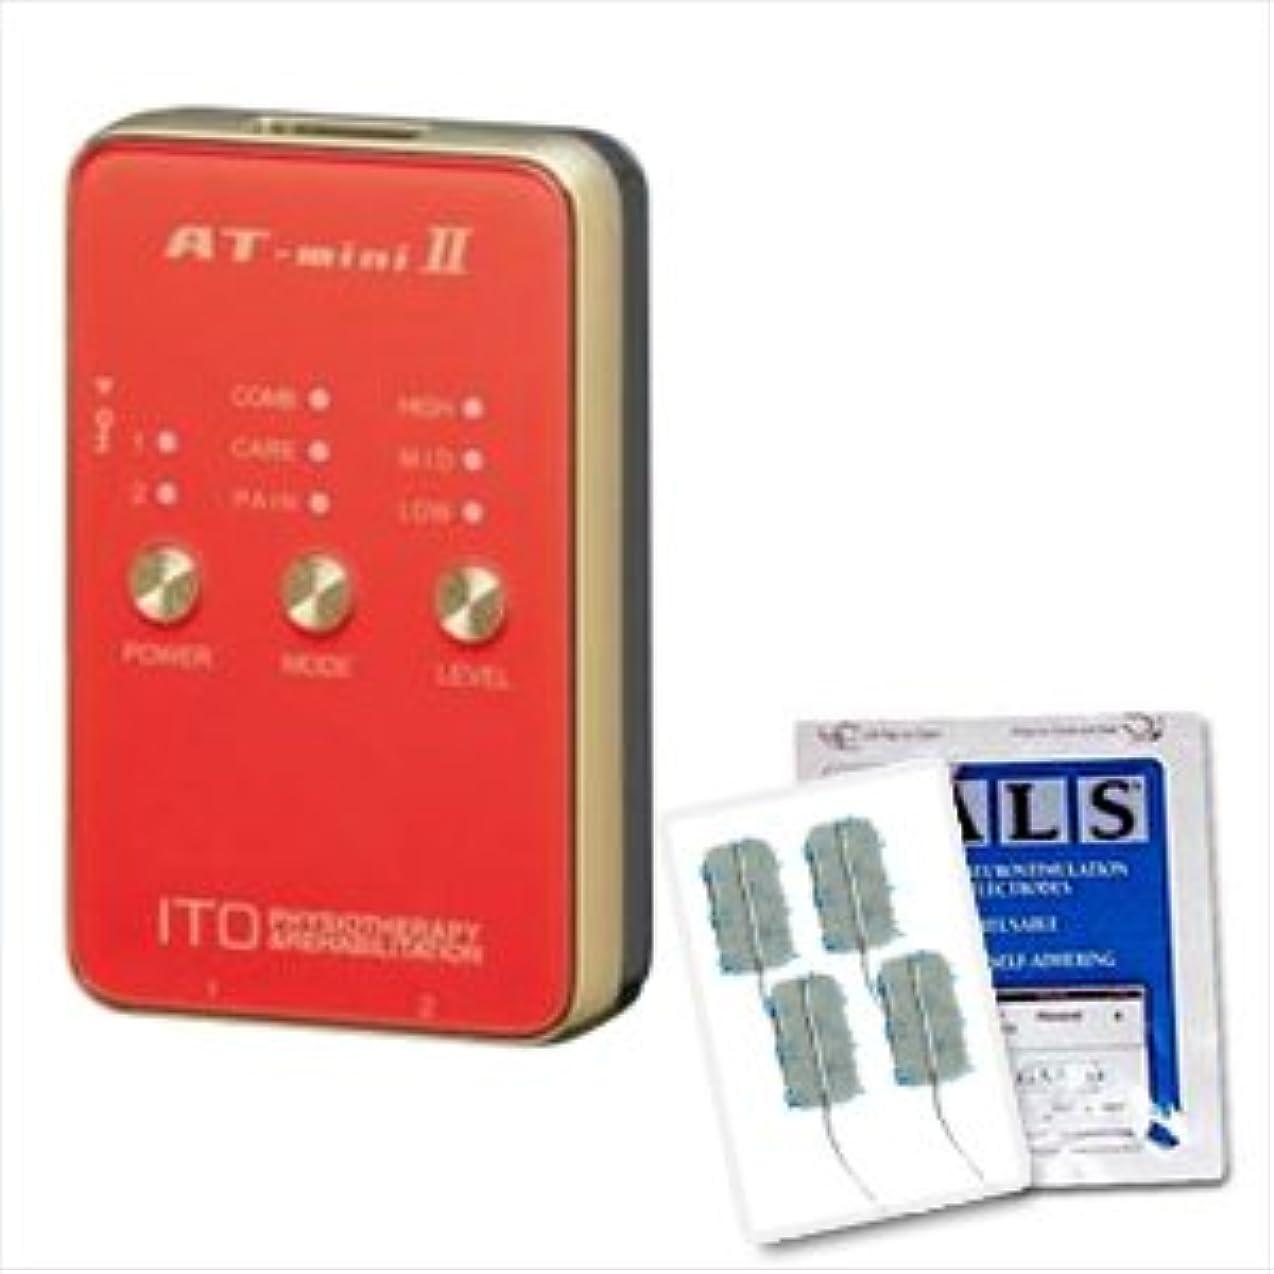 受動的廃棄する学ぶ低周波治療器 AT-mini II オレンジ +アクセルガードLサイズ(5x9cm:1袋4枚入)セット